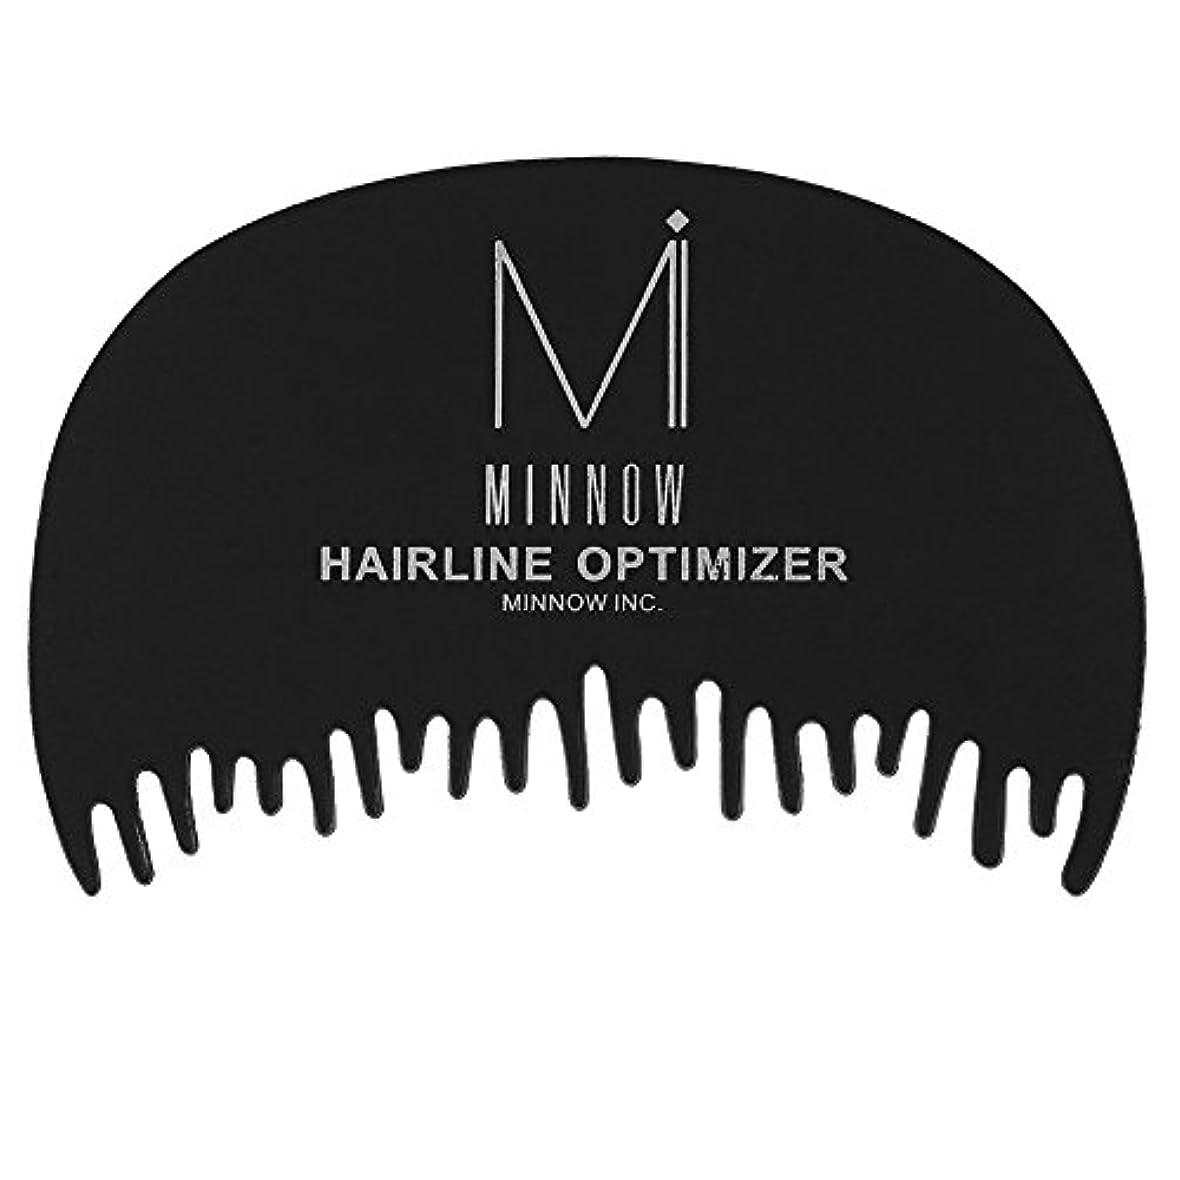 マイクロ溝保持ヘアラインコーム、ヘアドレッサー細い毛繊維の前髪ヘアラインオプティマイザーフィルムプラスチック専用コーム、プロフェッショナルビューティーサロン製品アクセサリー